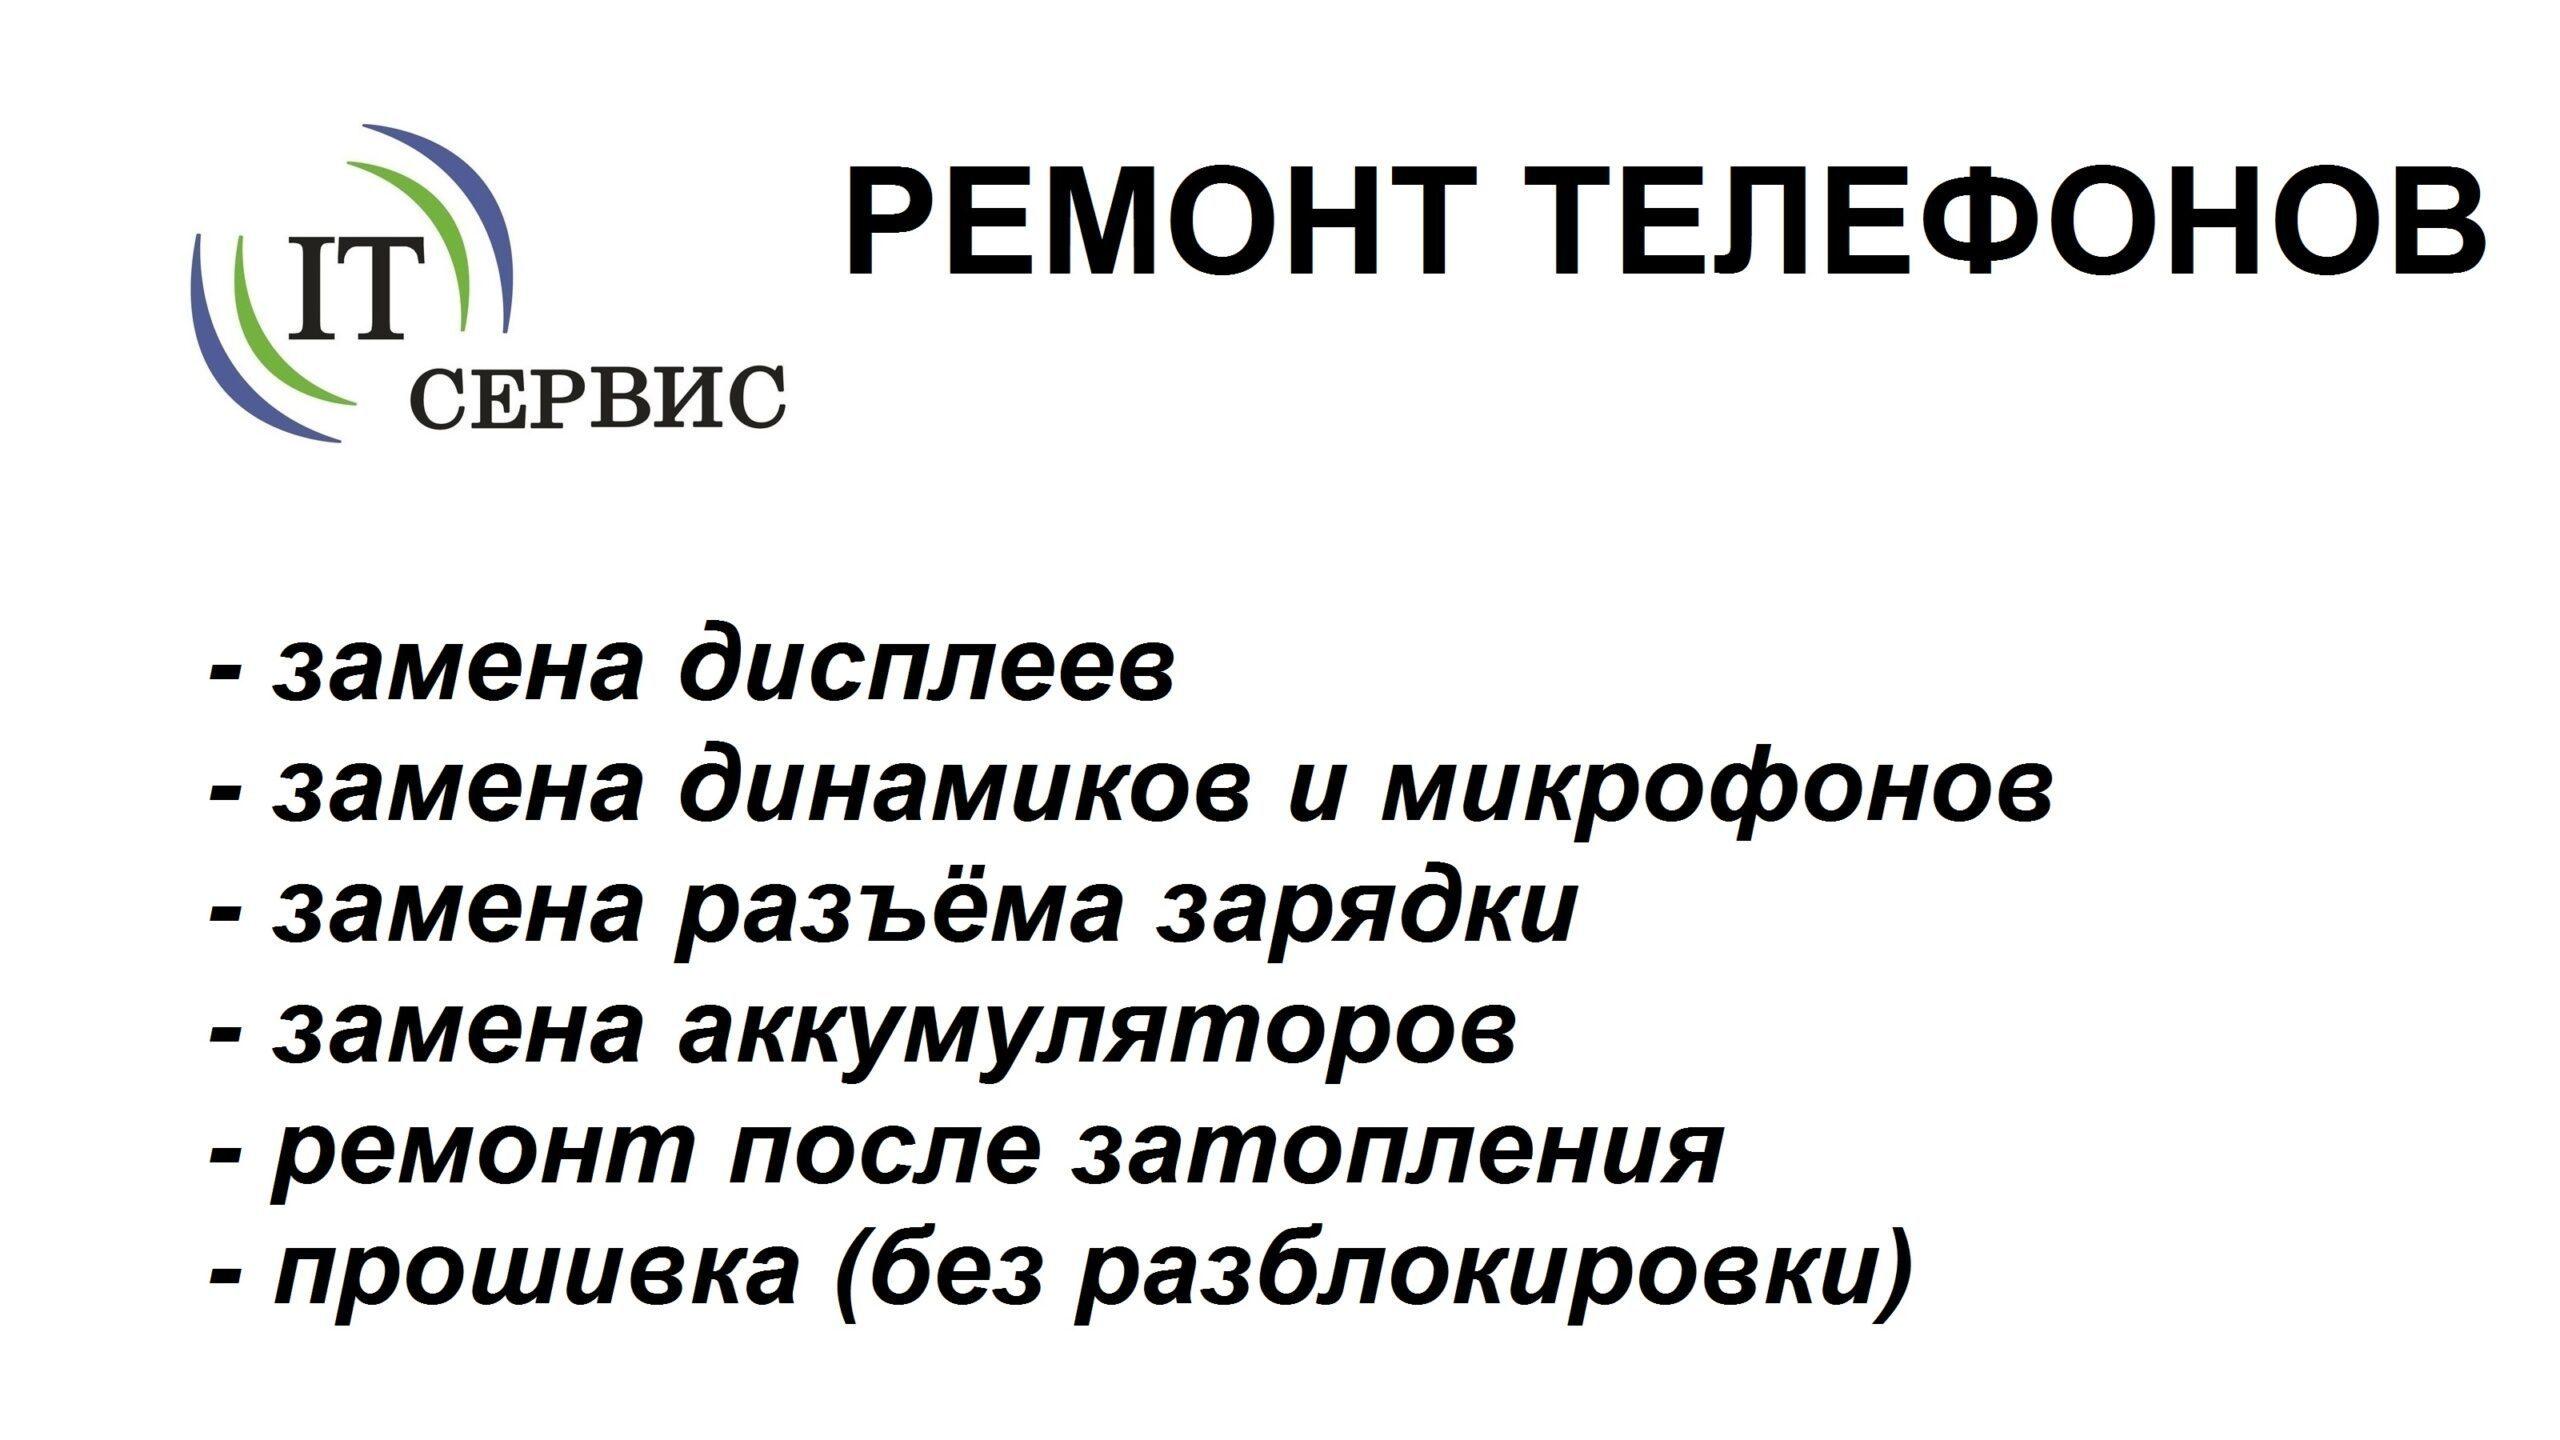 Ремонт телефонов в Запорожье